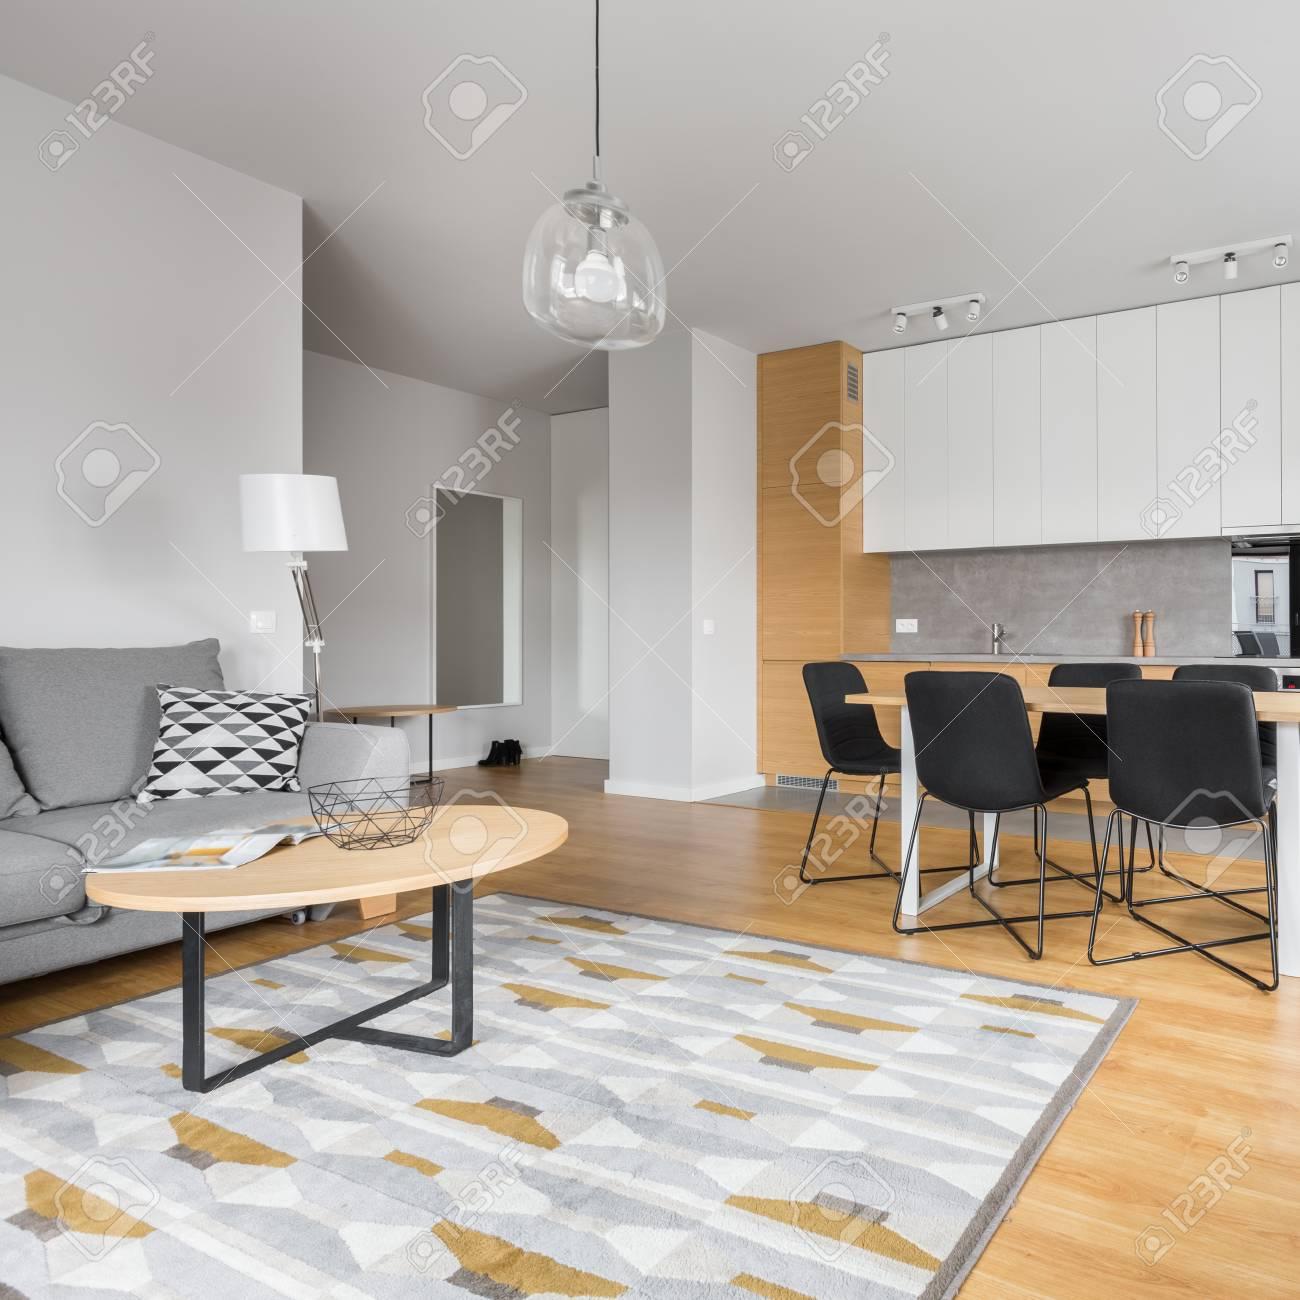 Comedor moderno con muebles de cocina contemporáneos y área de relax